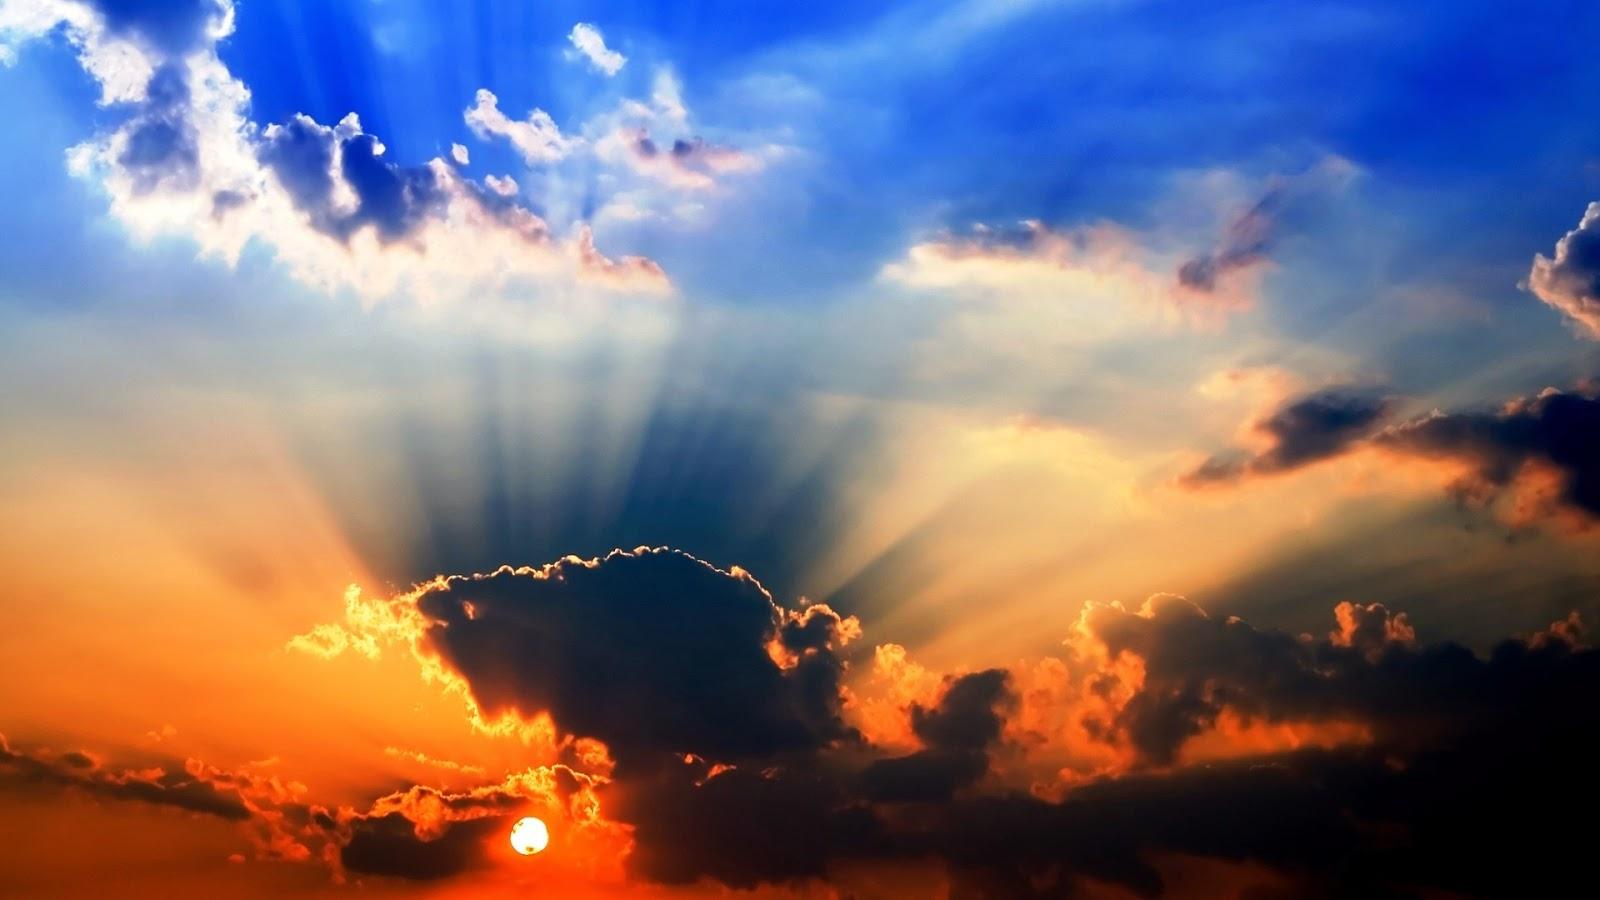 Banco de imagenes y fotos gratis imagenes y fotos del for La camera del cielo